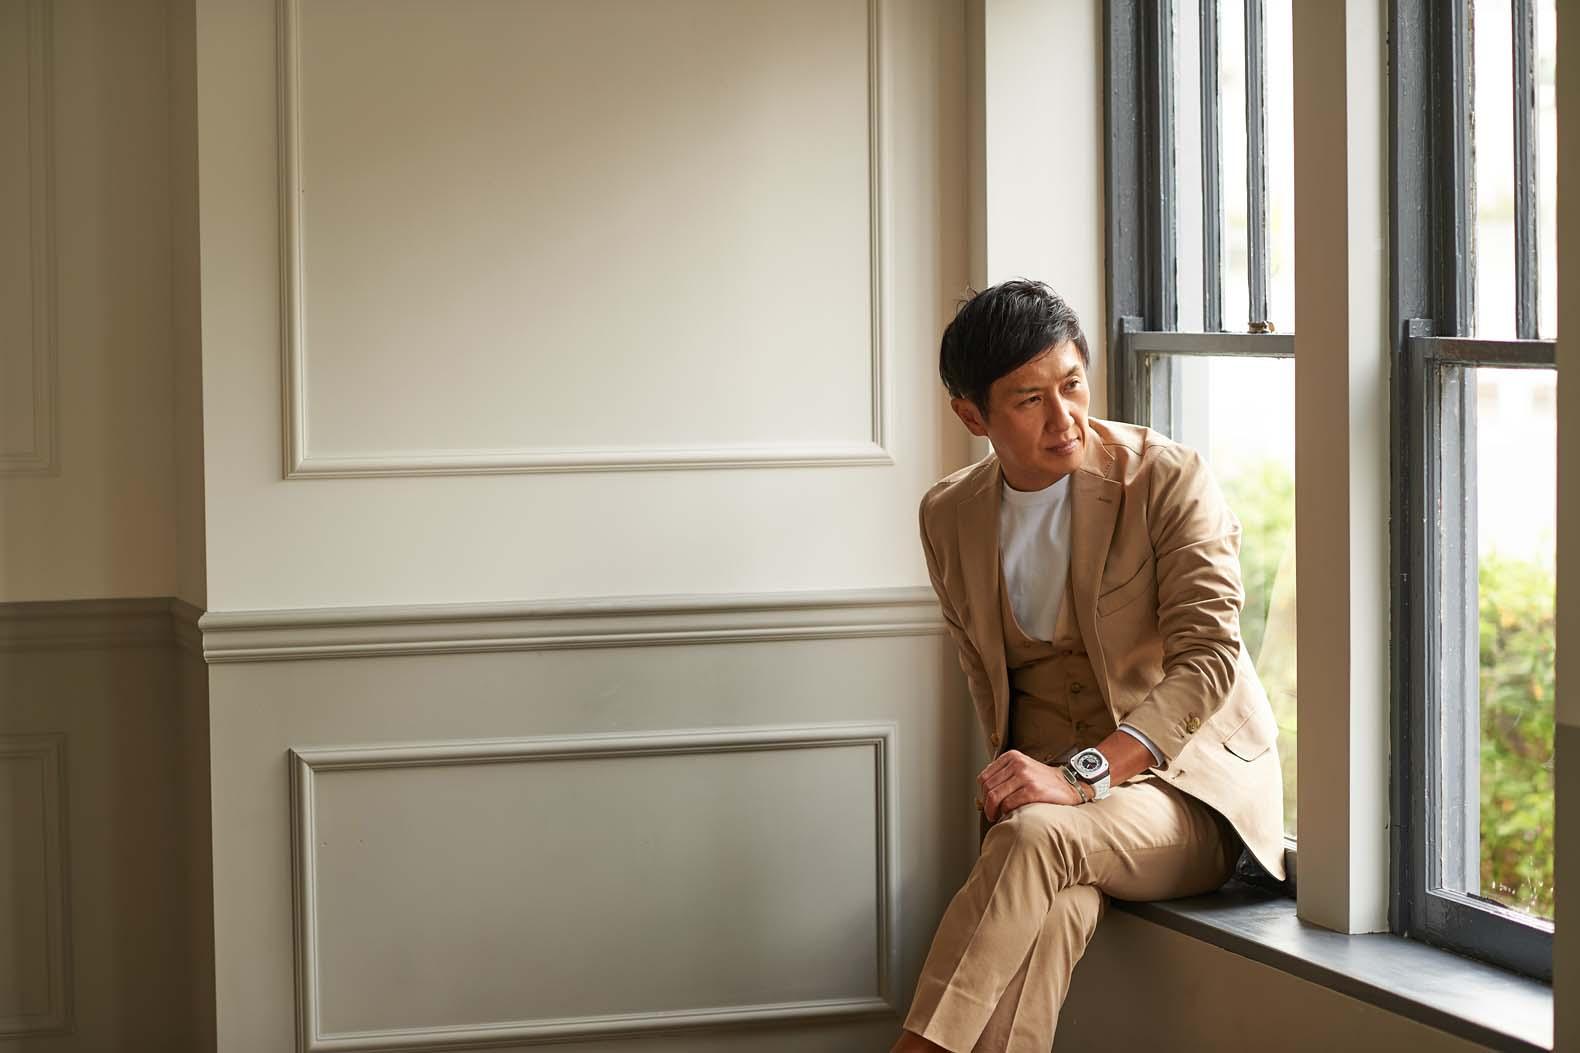 ナノ ライブラリーの最新作!<br/>トガベージュのハイブリッドスーツ